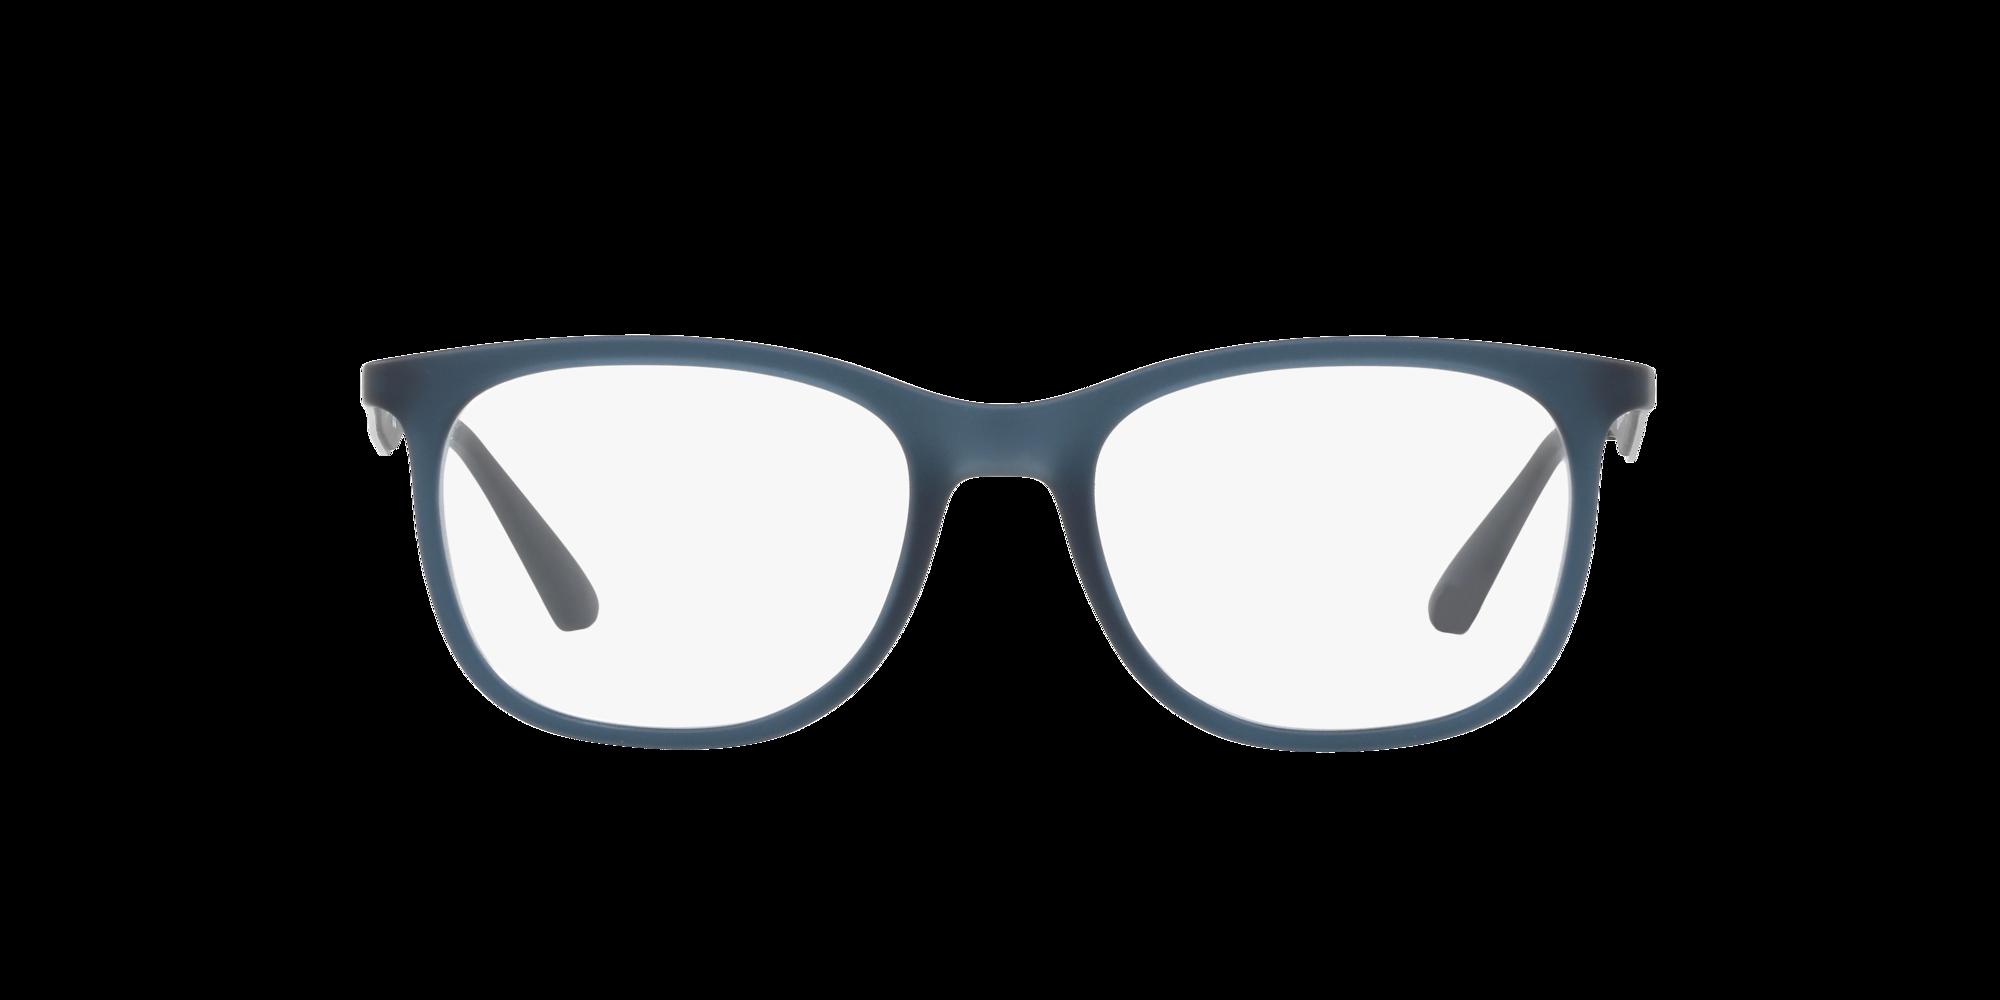 642c8eb9b8 ... gafas graduadas RAY-BAN RX 7078 5679. 360° Product View 360° Product  View ...